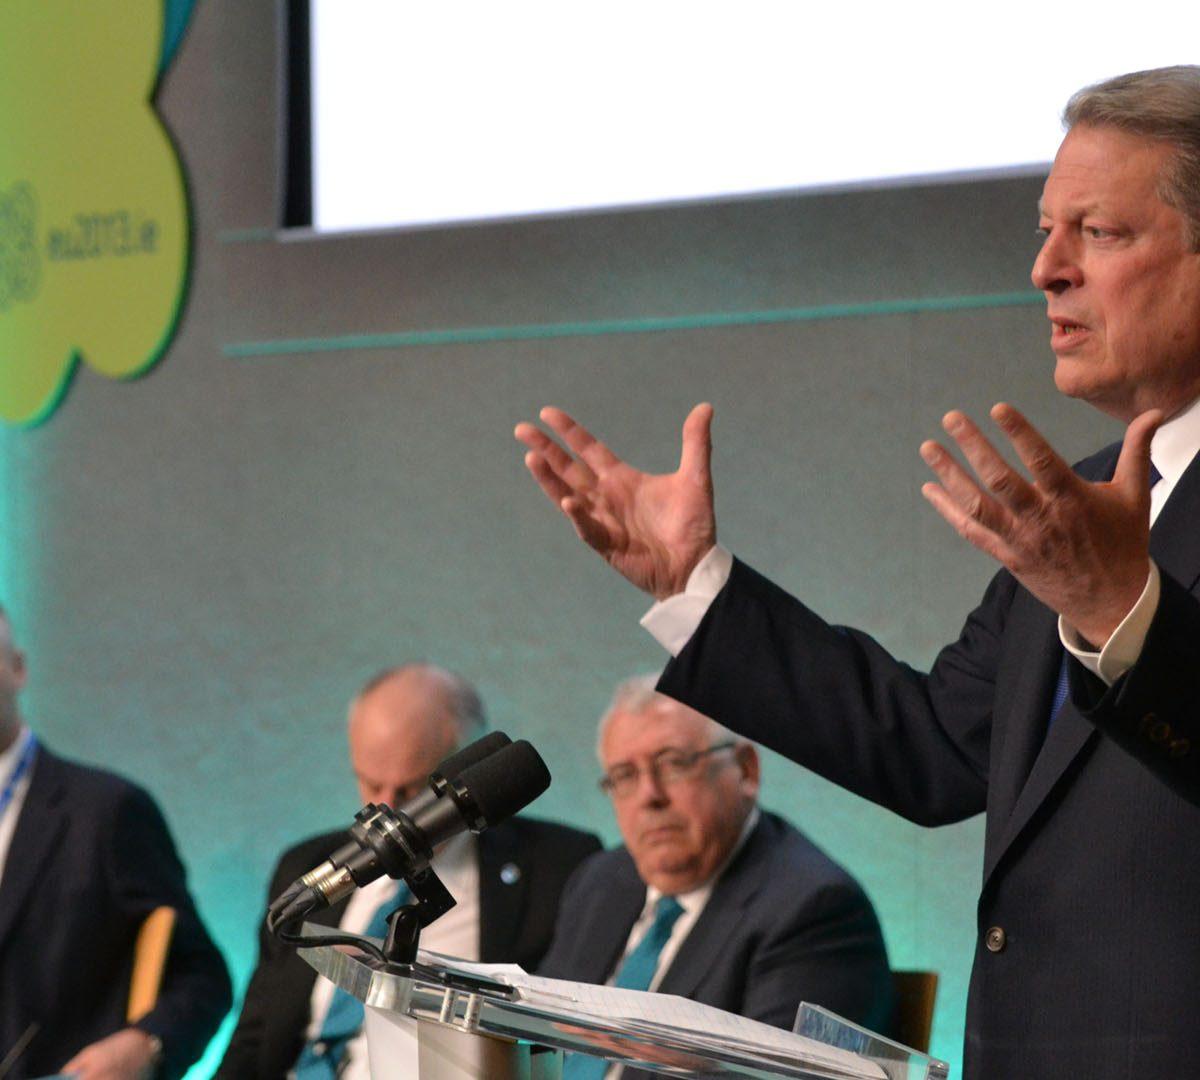 Al Gore Speech